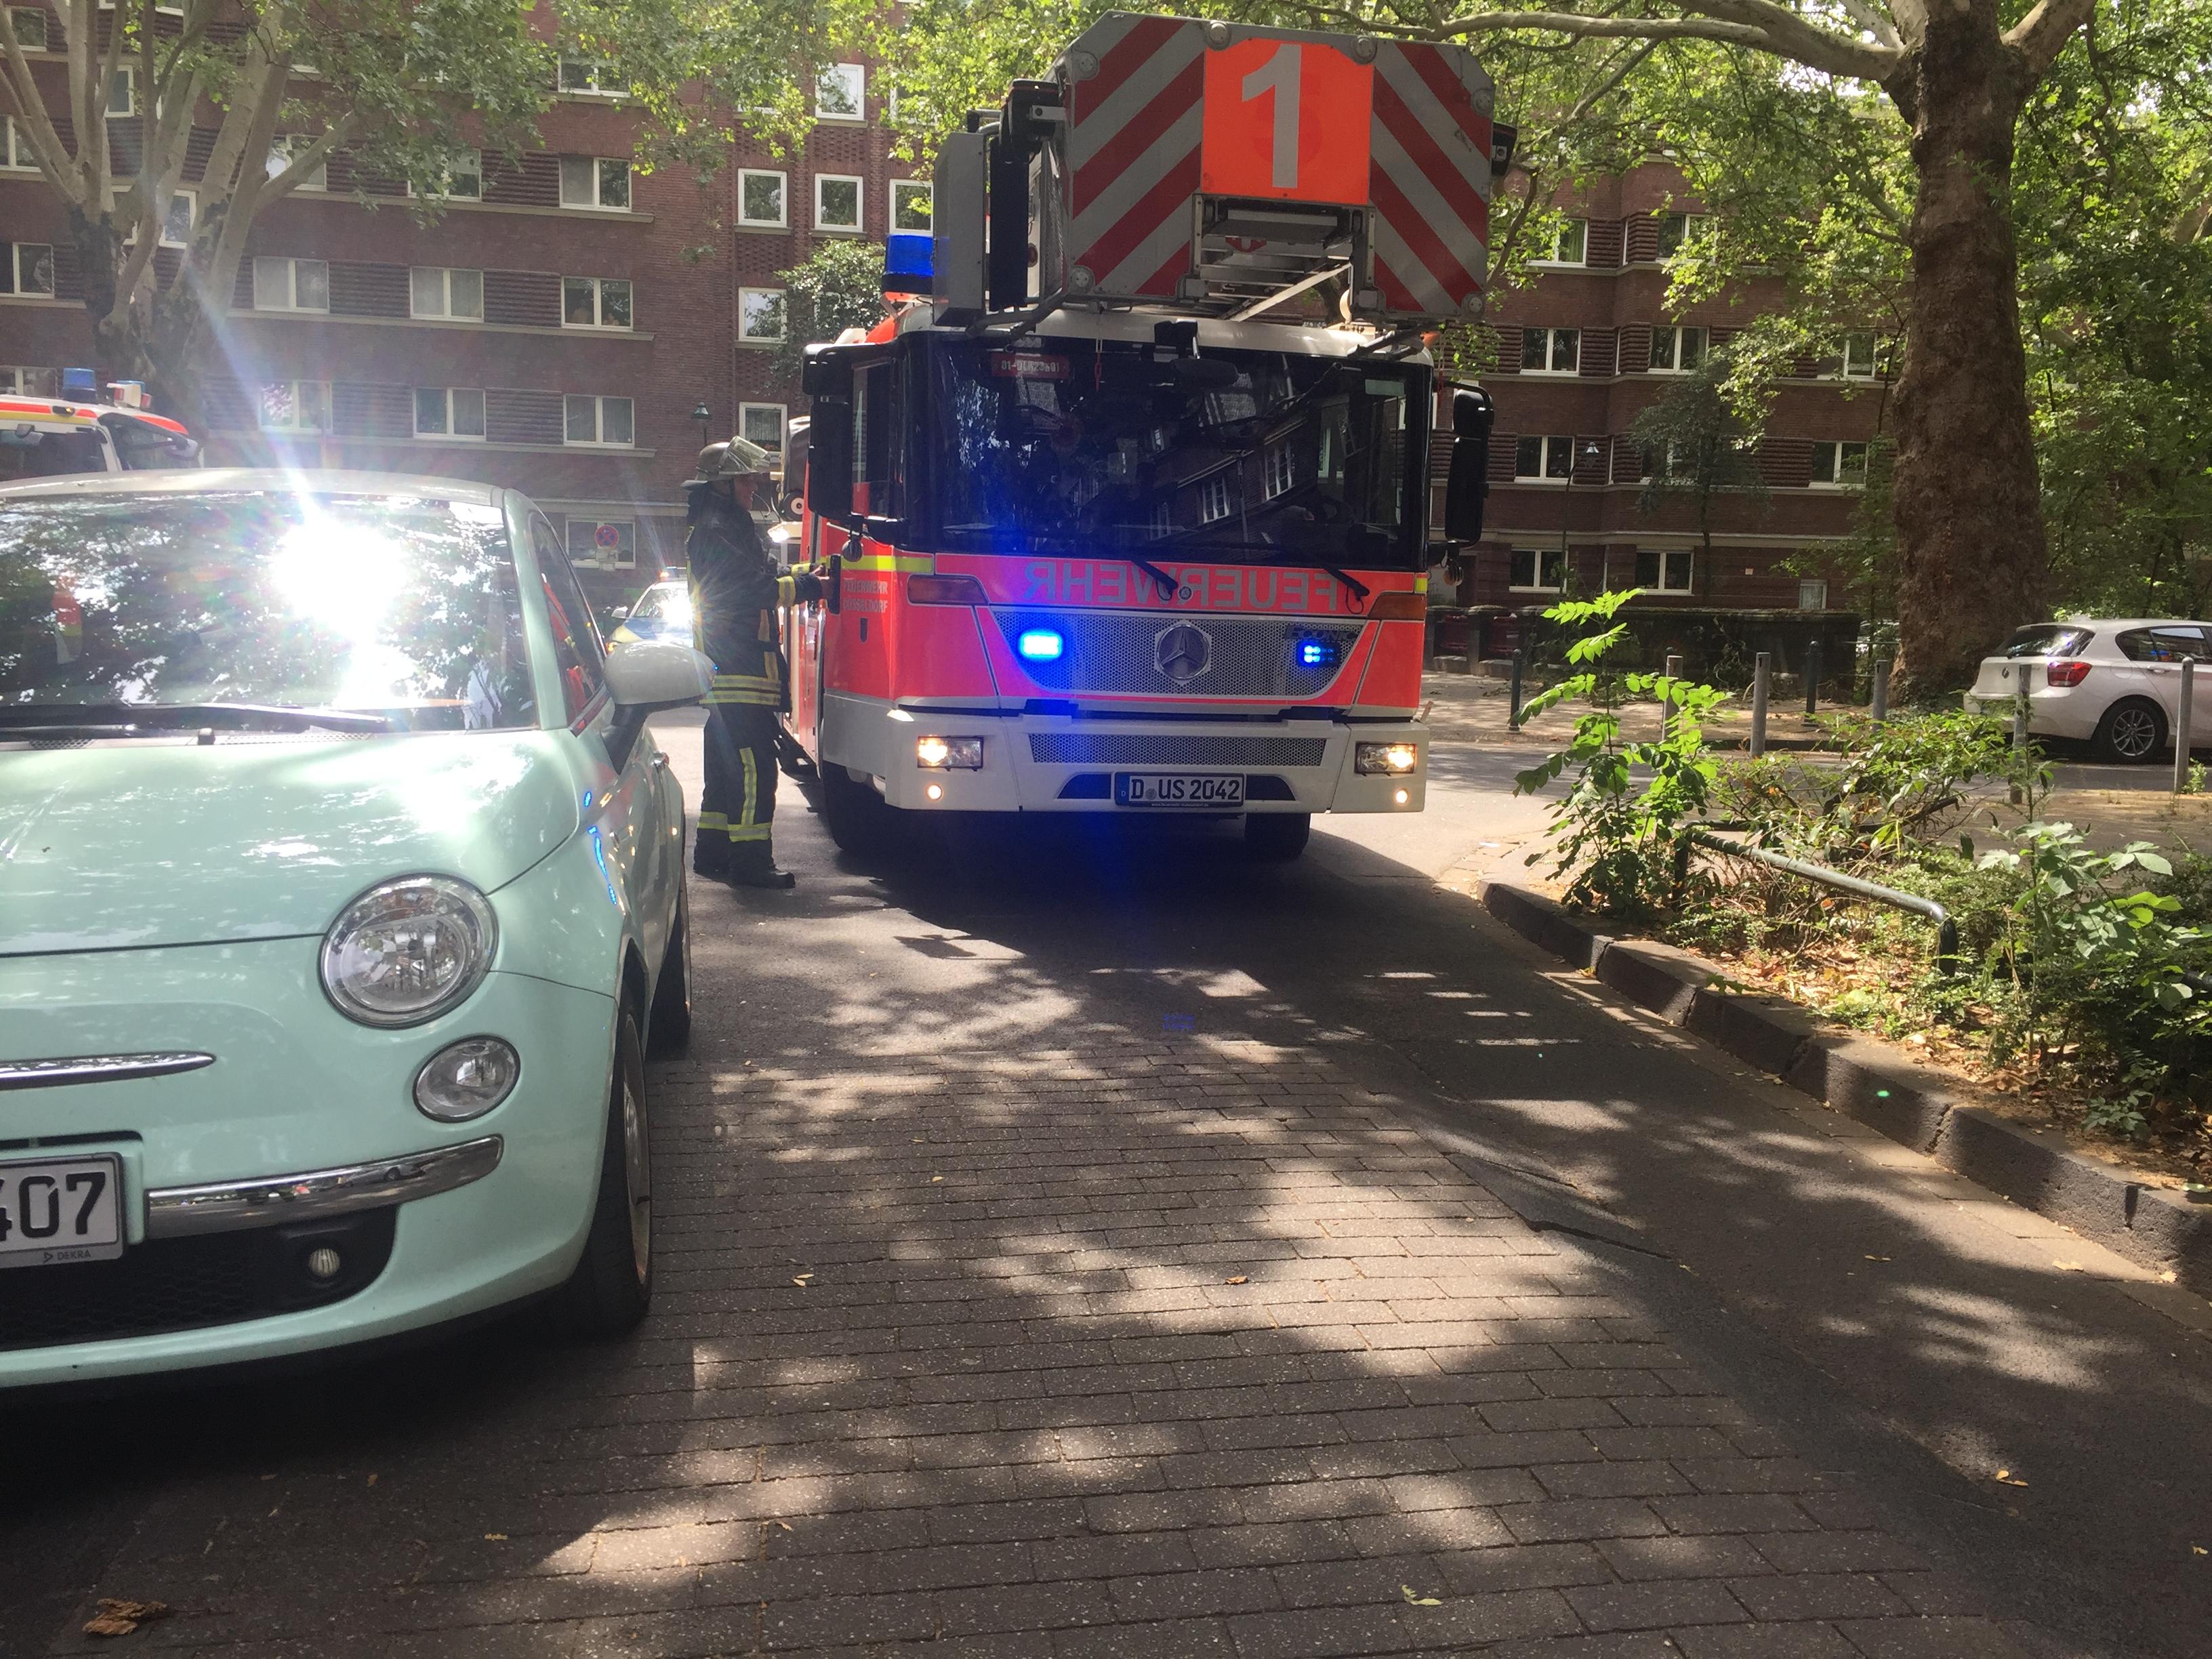 Parkende Autos verhindern das Vorbeifahren mit der Drehleiter